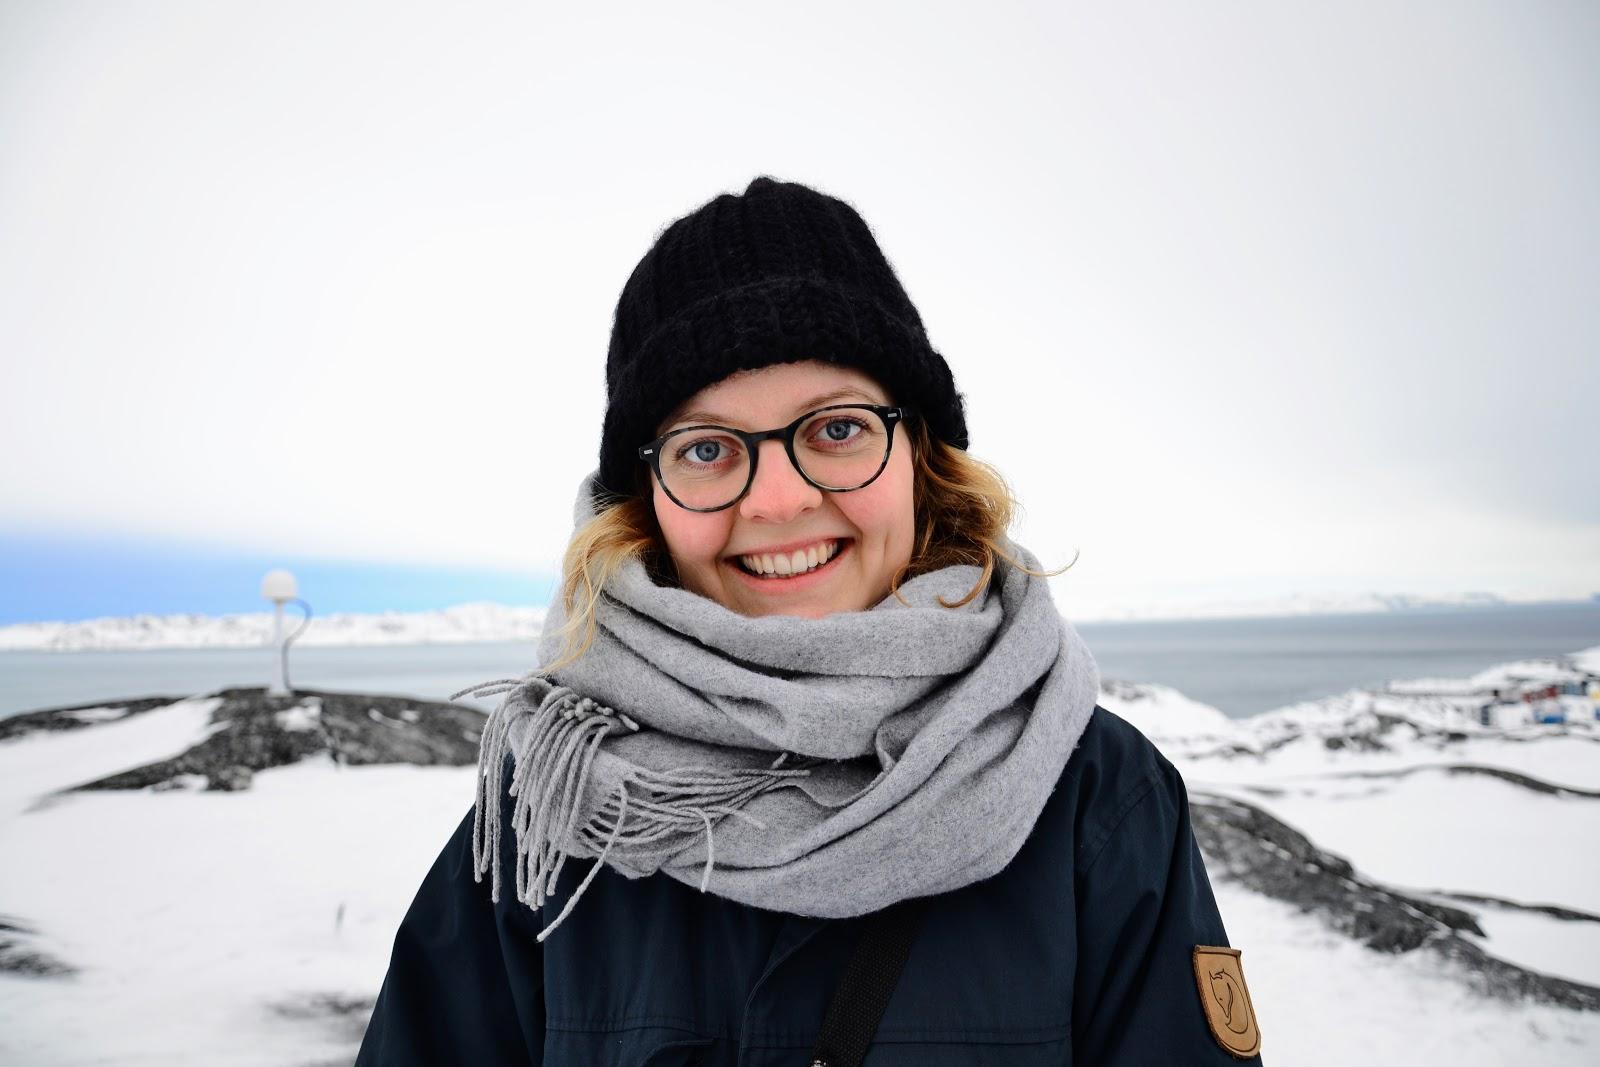 Sara Friis - Medlem af GrønlandsudvalgetDeltager på studieturen til Grønland vinteren 2017Bosat i KøbenhavnMail: sarahansenfriis@gmail.comMobil: 27591302